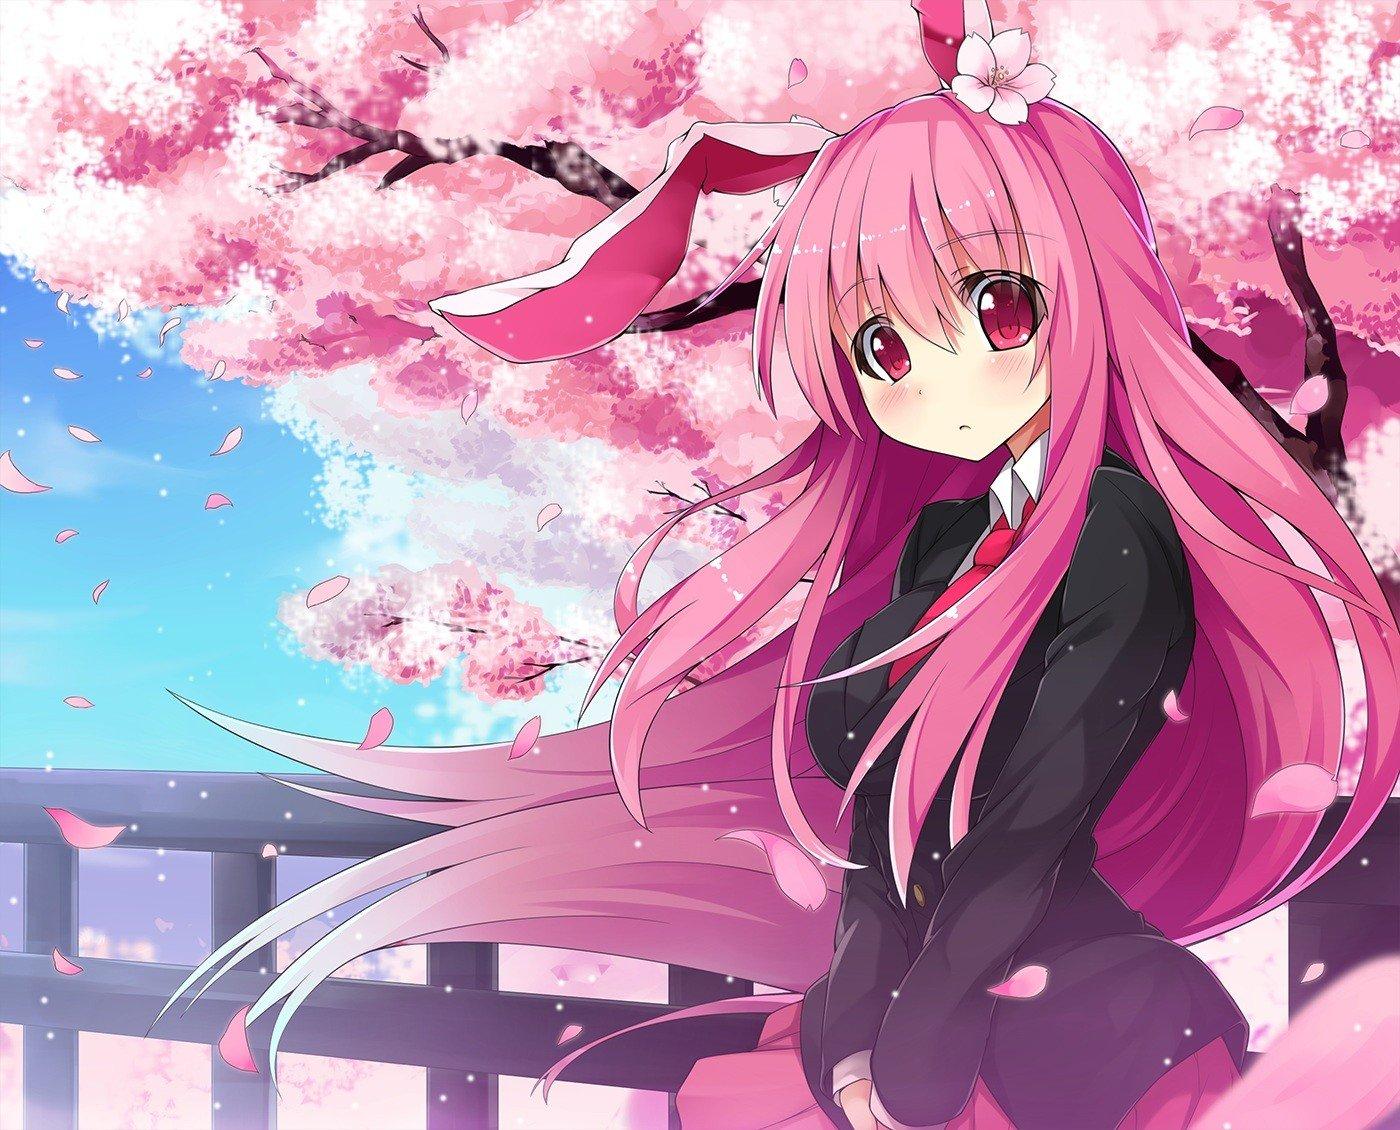 Cute Anime Desktop